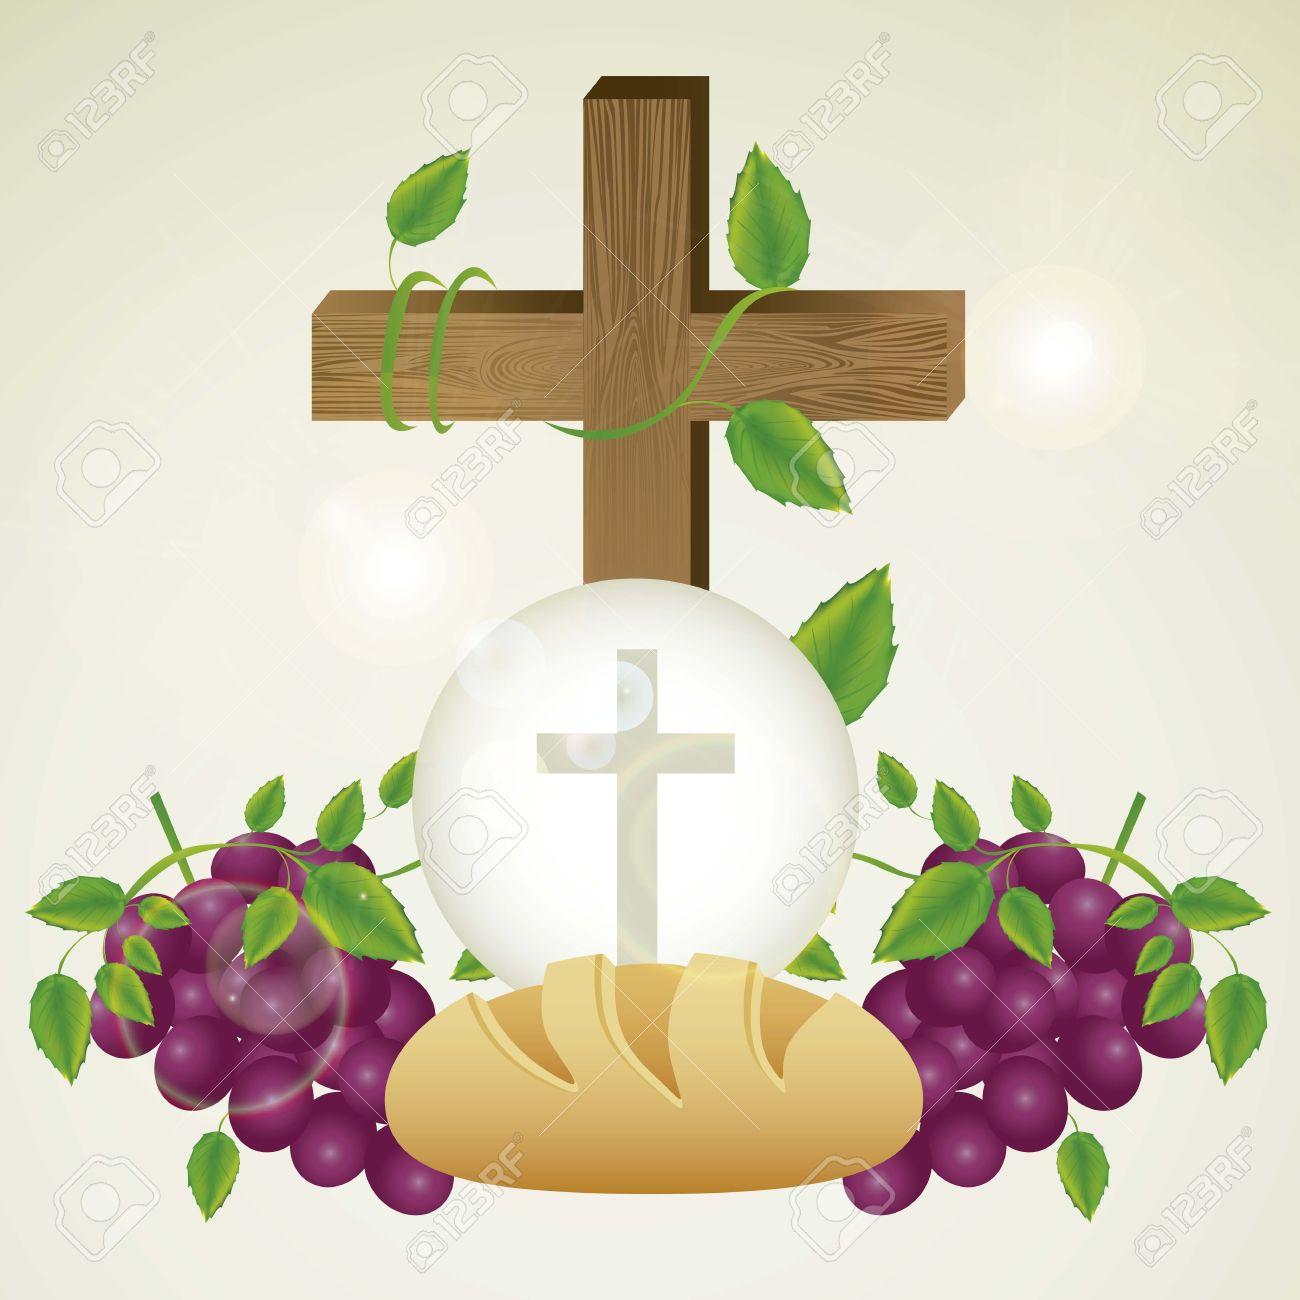 Ilustración de Jesús Cristo, la Eucaristía y el sacramento de la comunión,  ilustración vectorial.